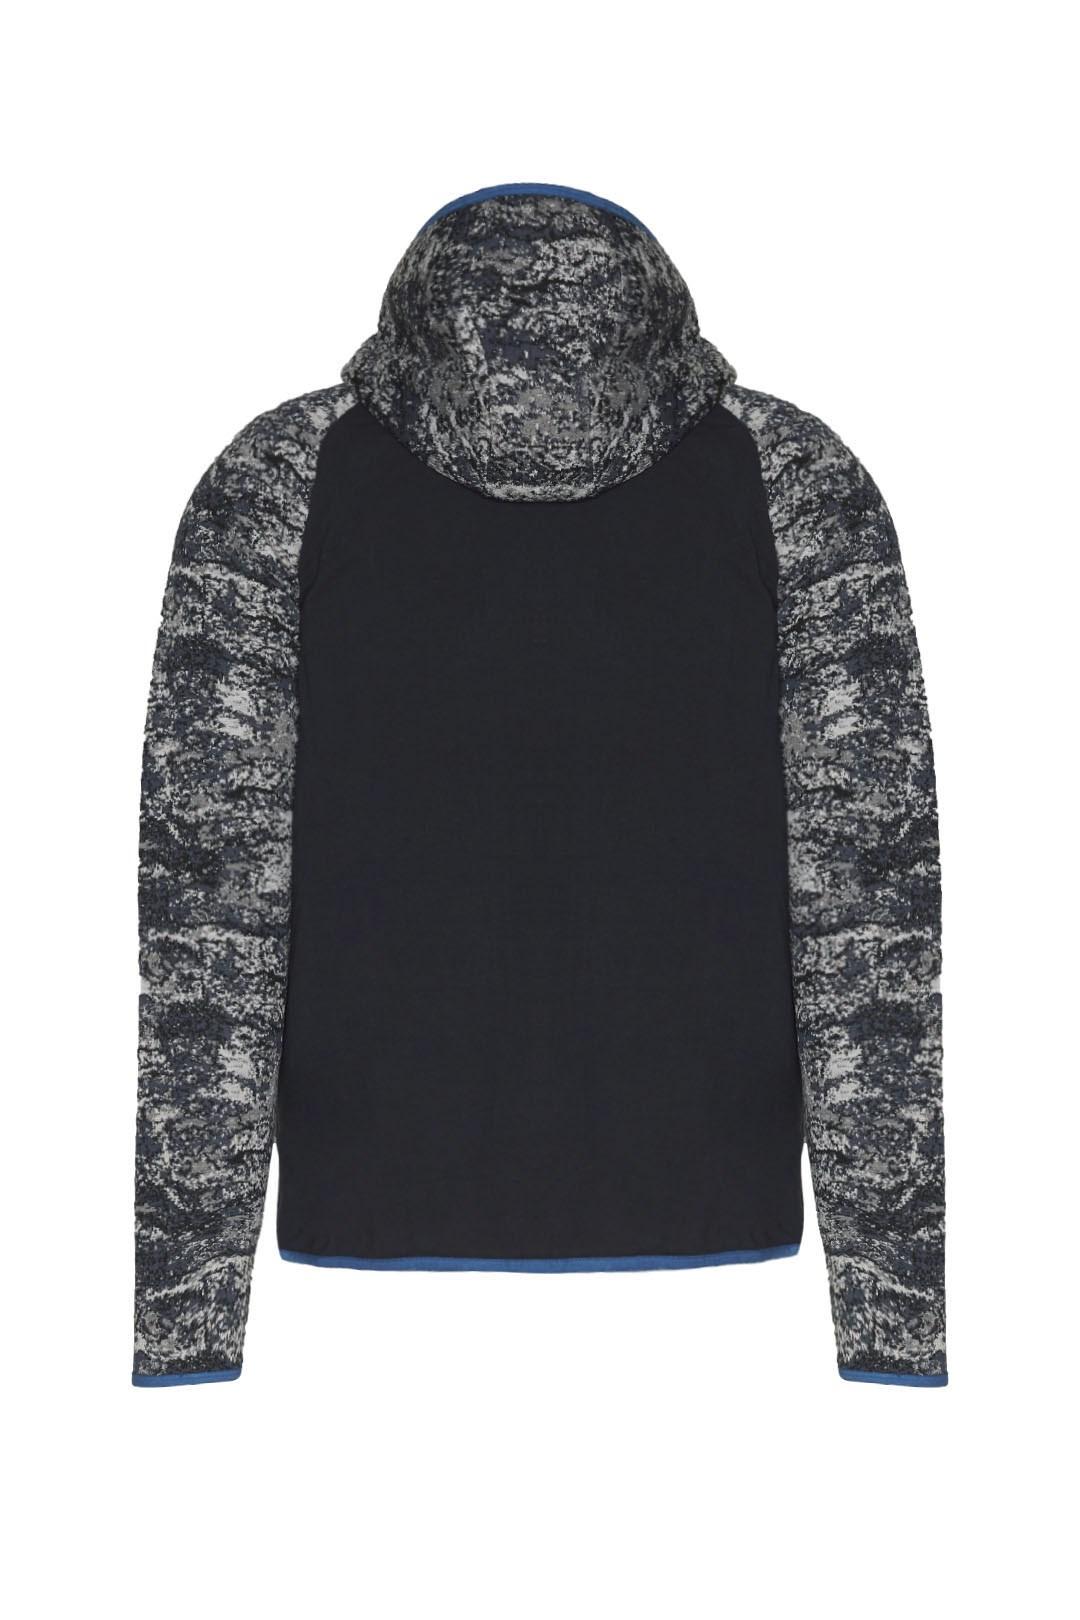 Sweatshirt élastique en jacquard camou   2